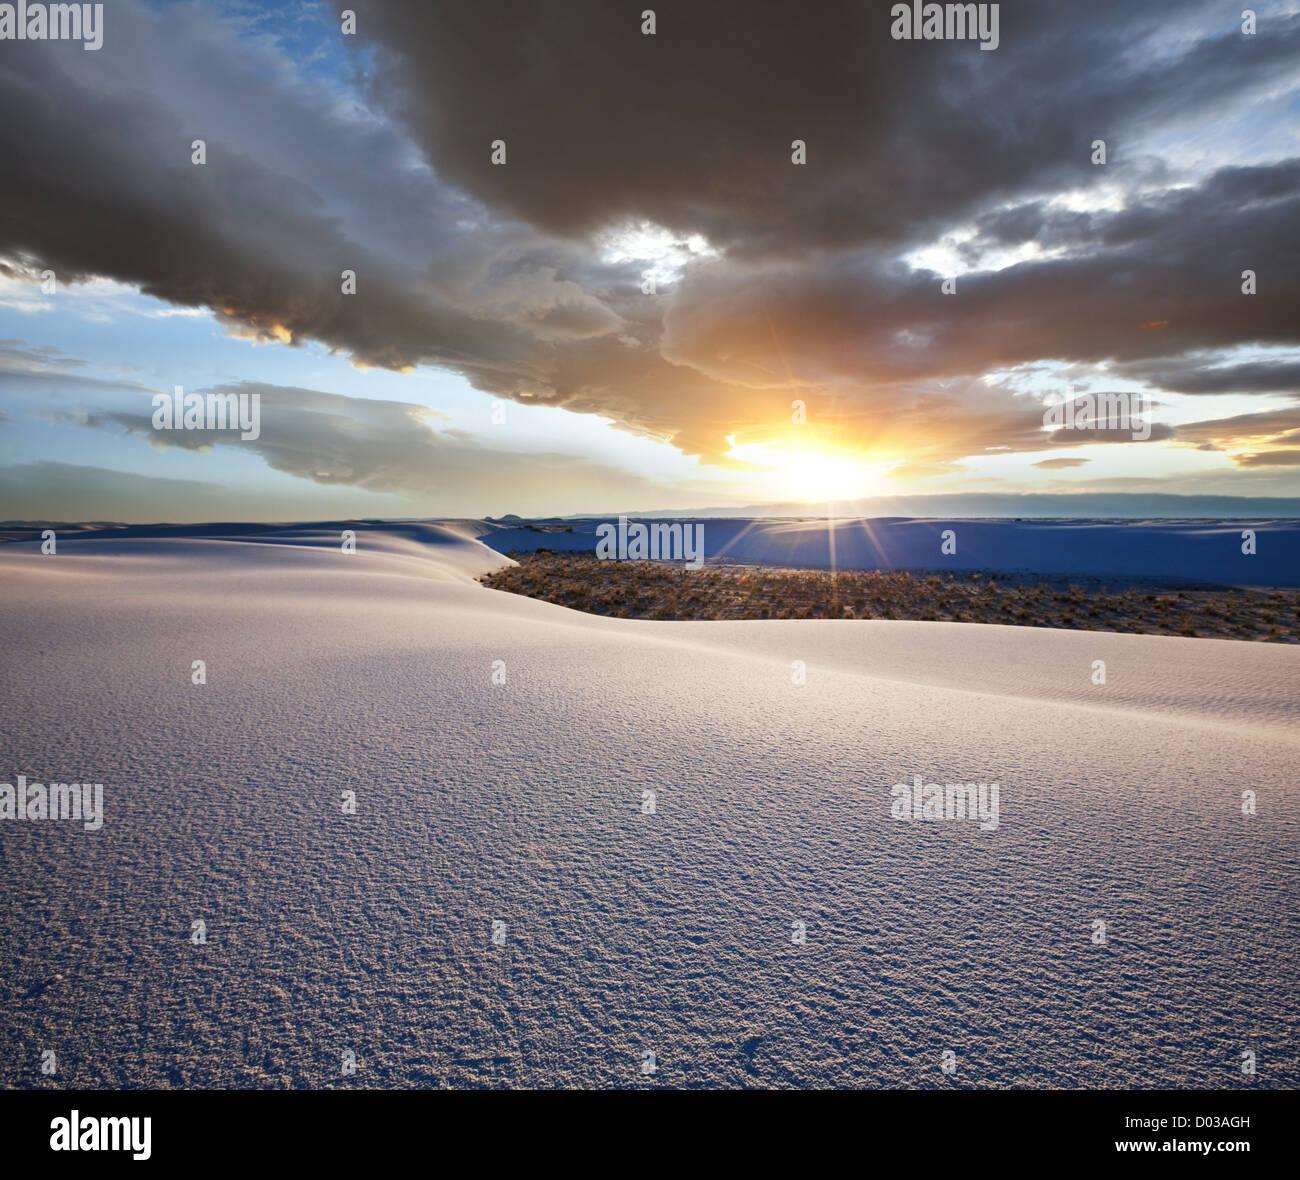 Parque de arenas blancas en EE.UU. Imagen De Stock